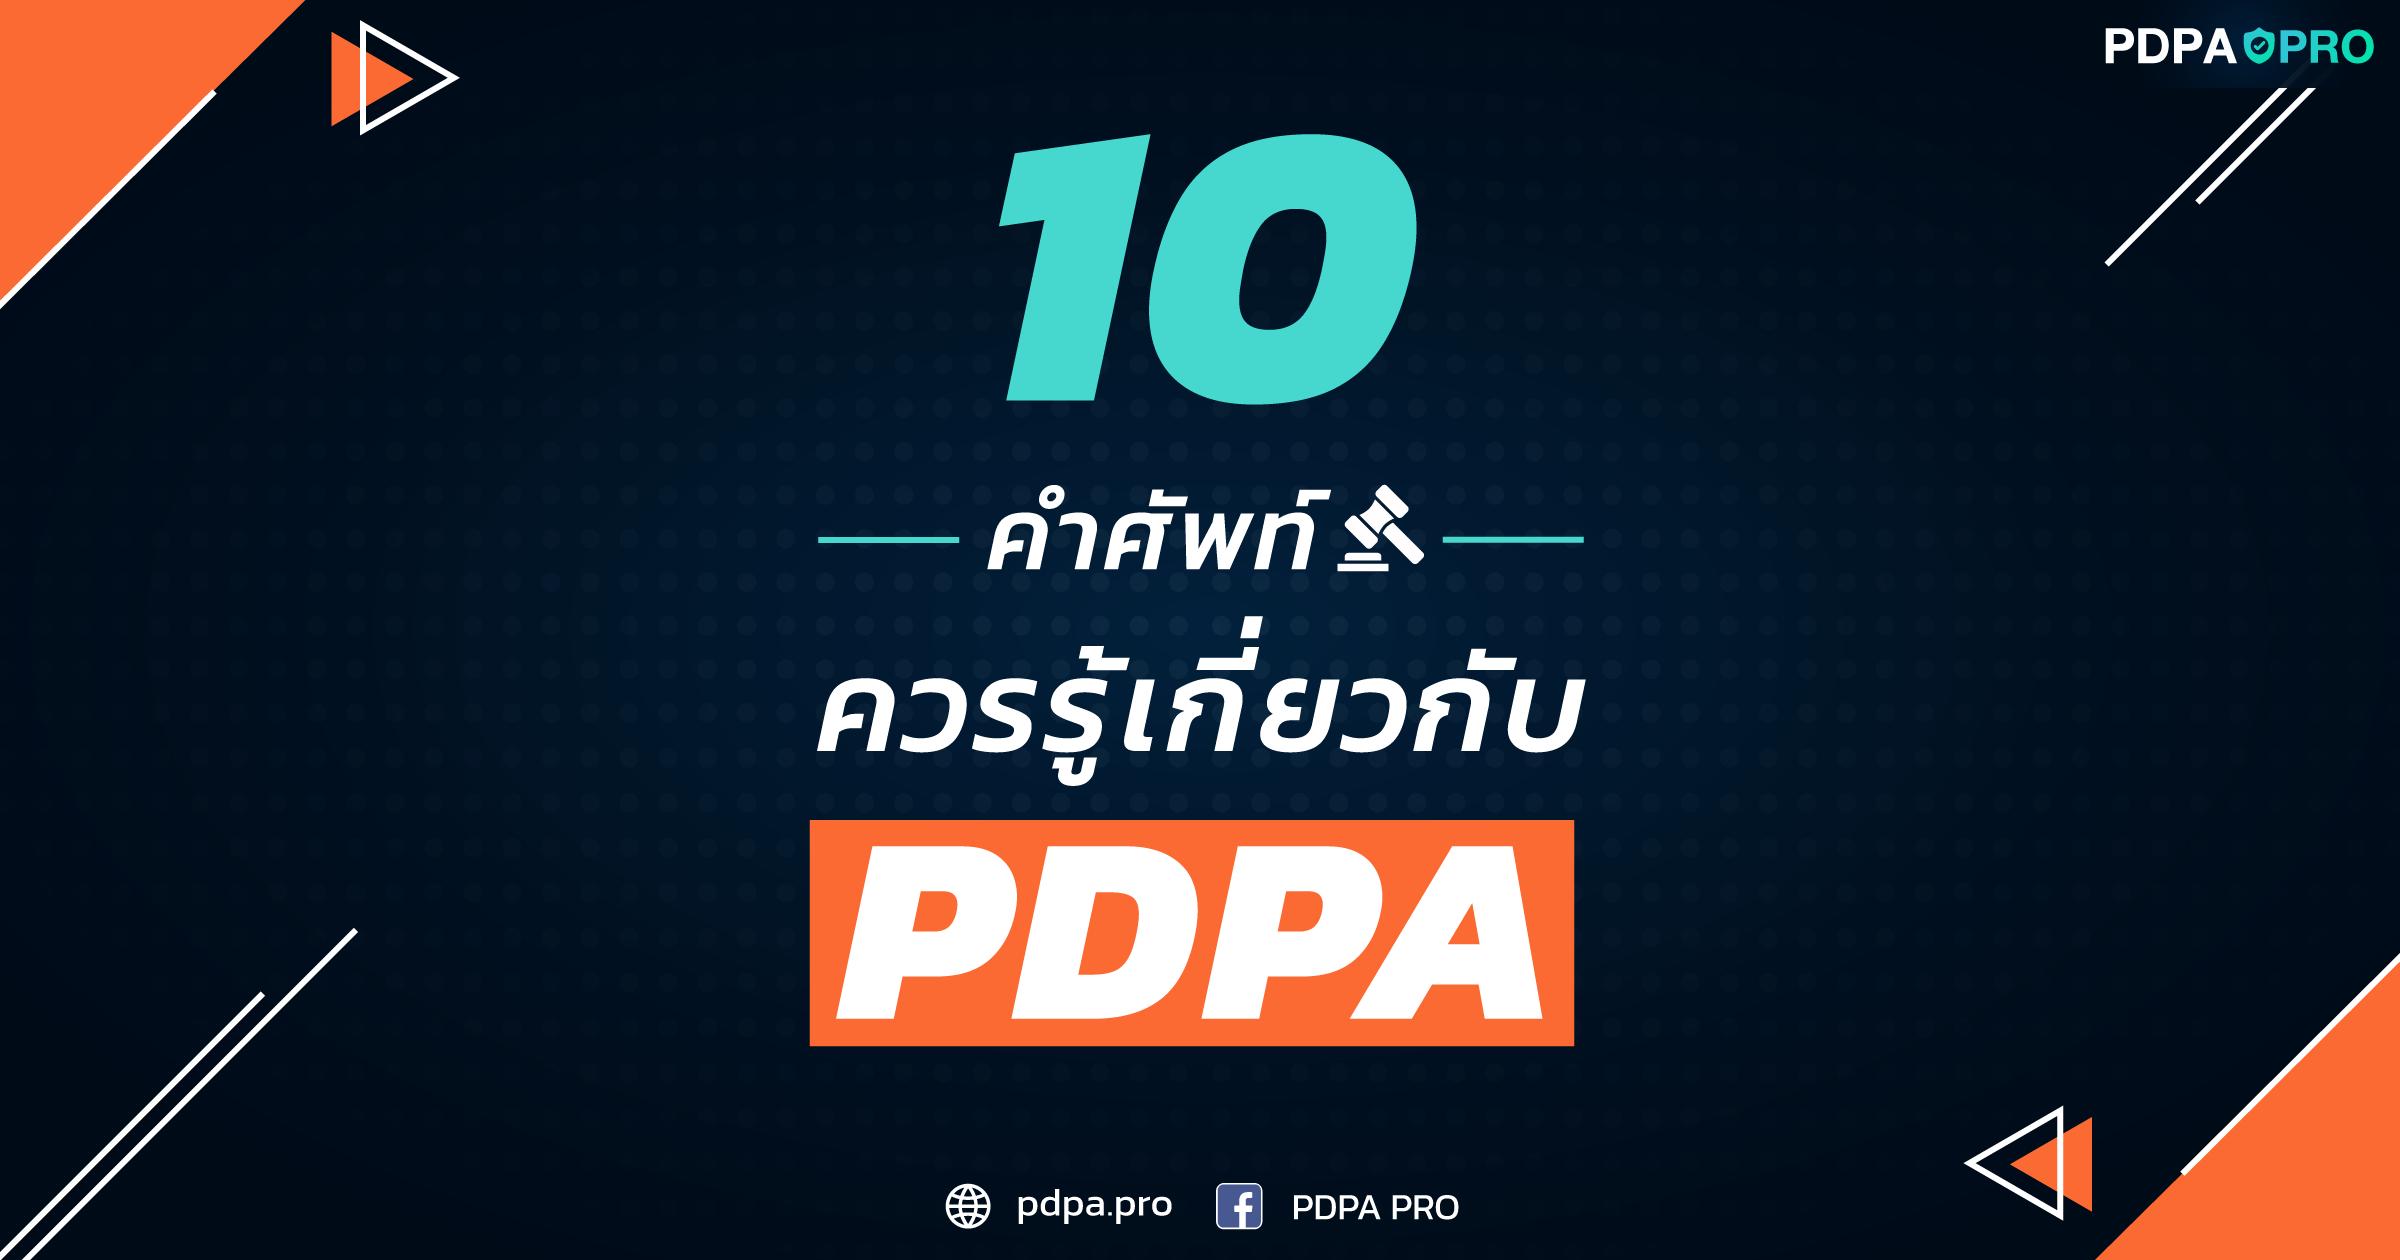 10 คำศัพท์ที่ควรรู้เกี่ยวกับ PDPA